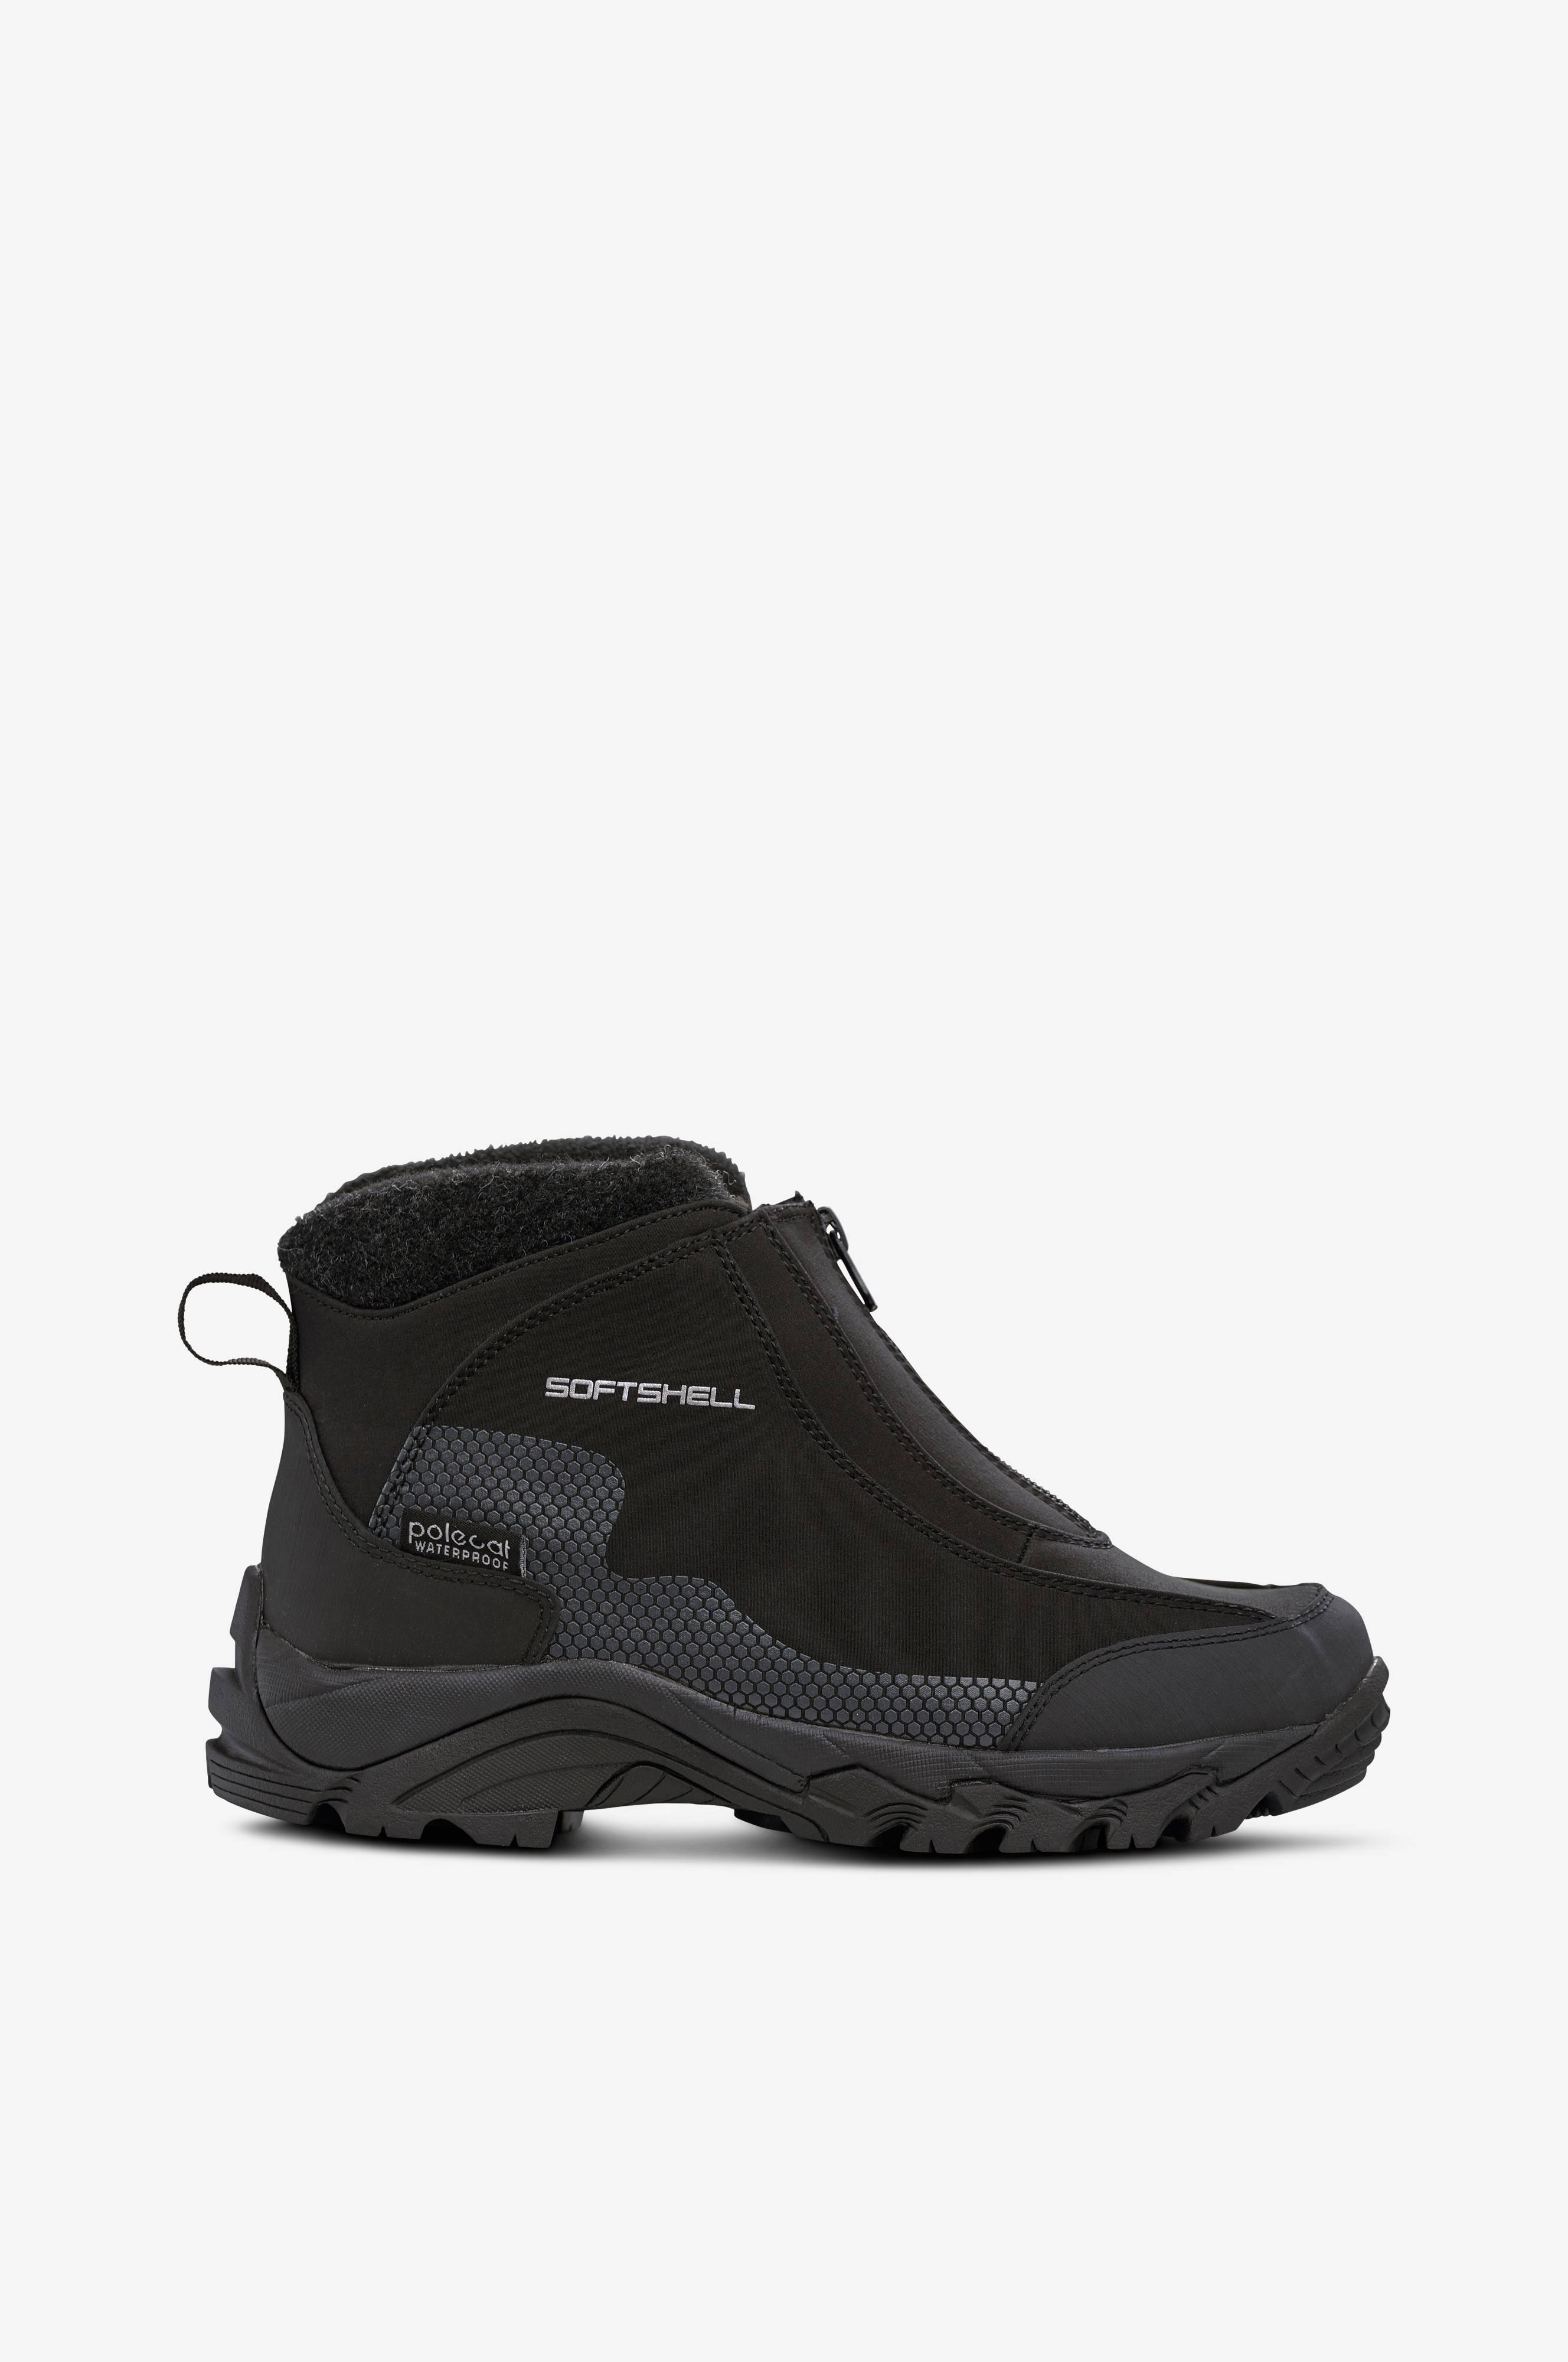 Vinterstøvle, vandtæt og varmforet